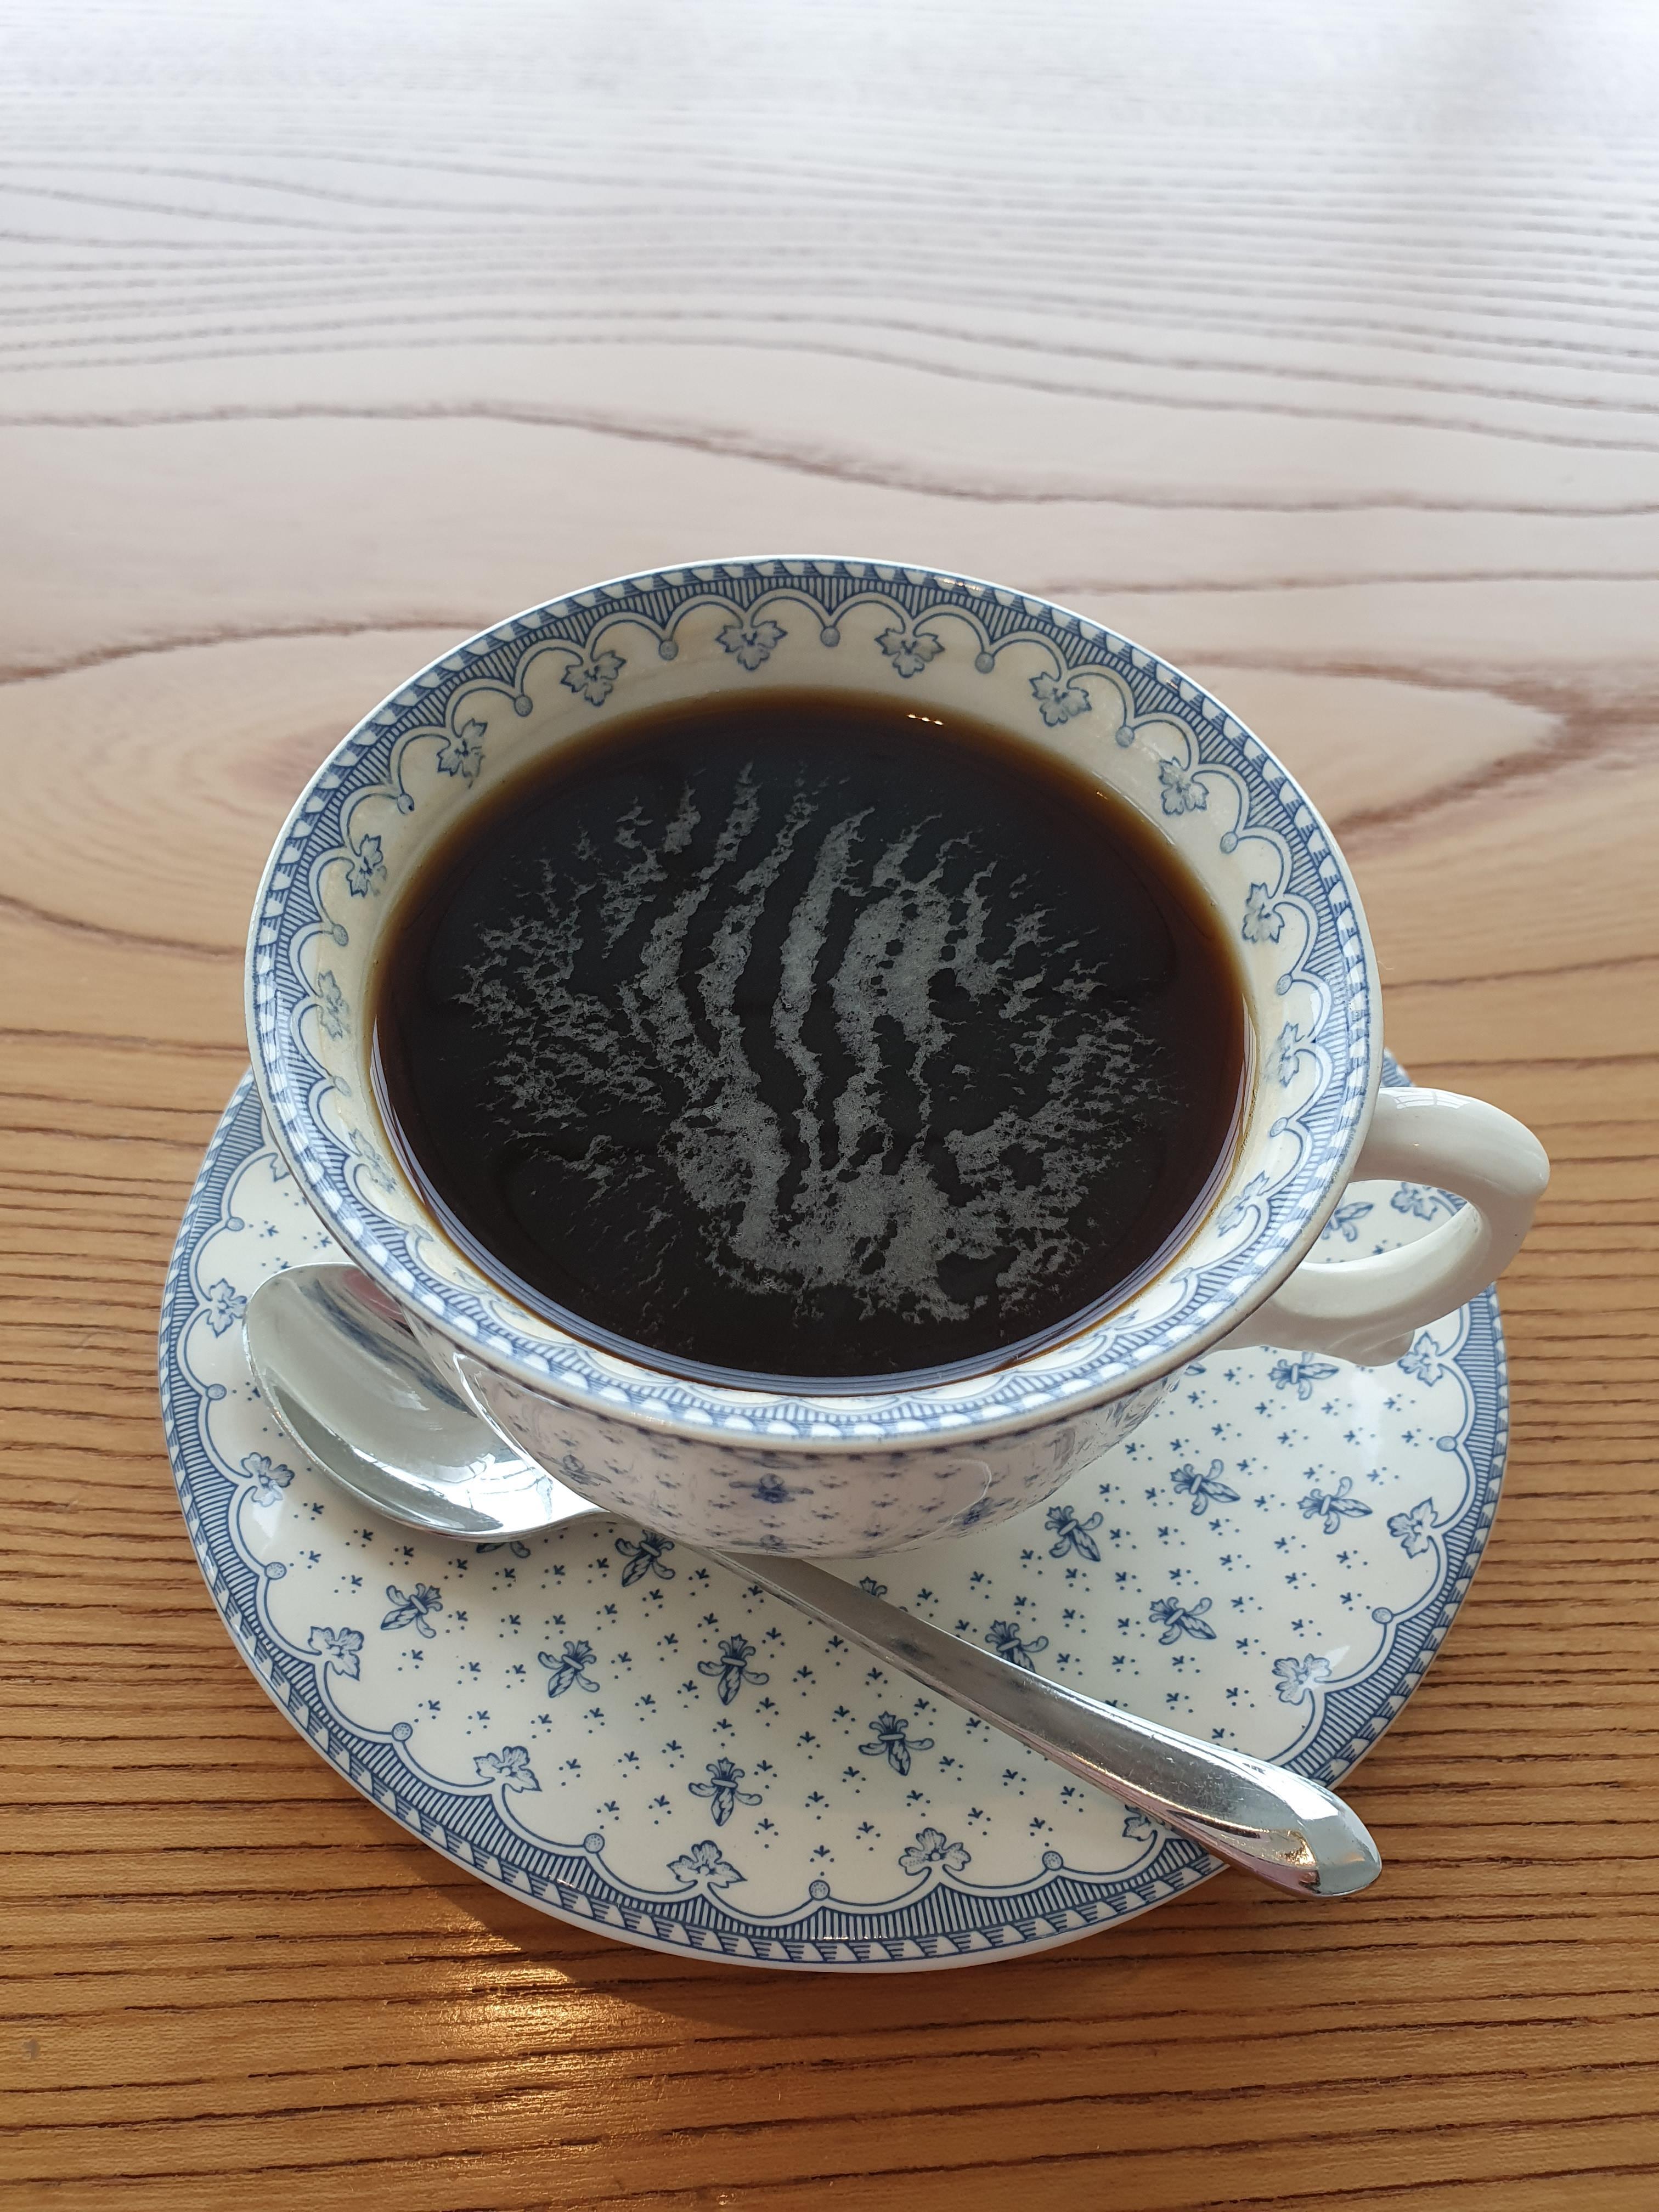 예쁜 잔에 담긴 커피